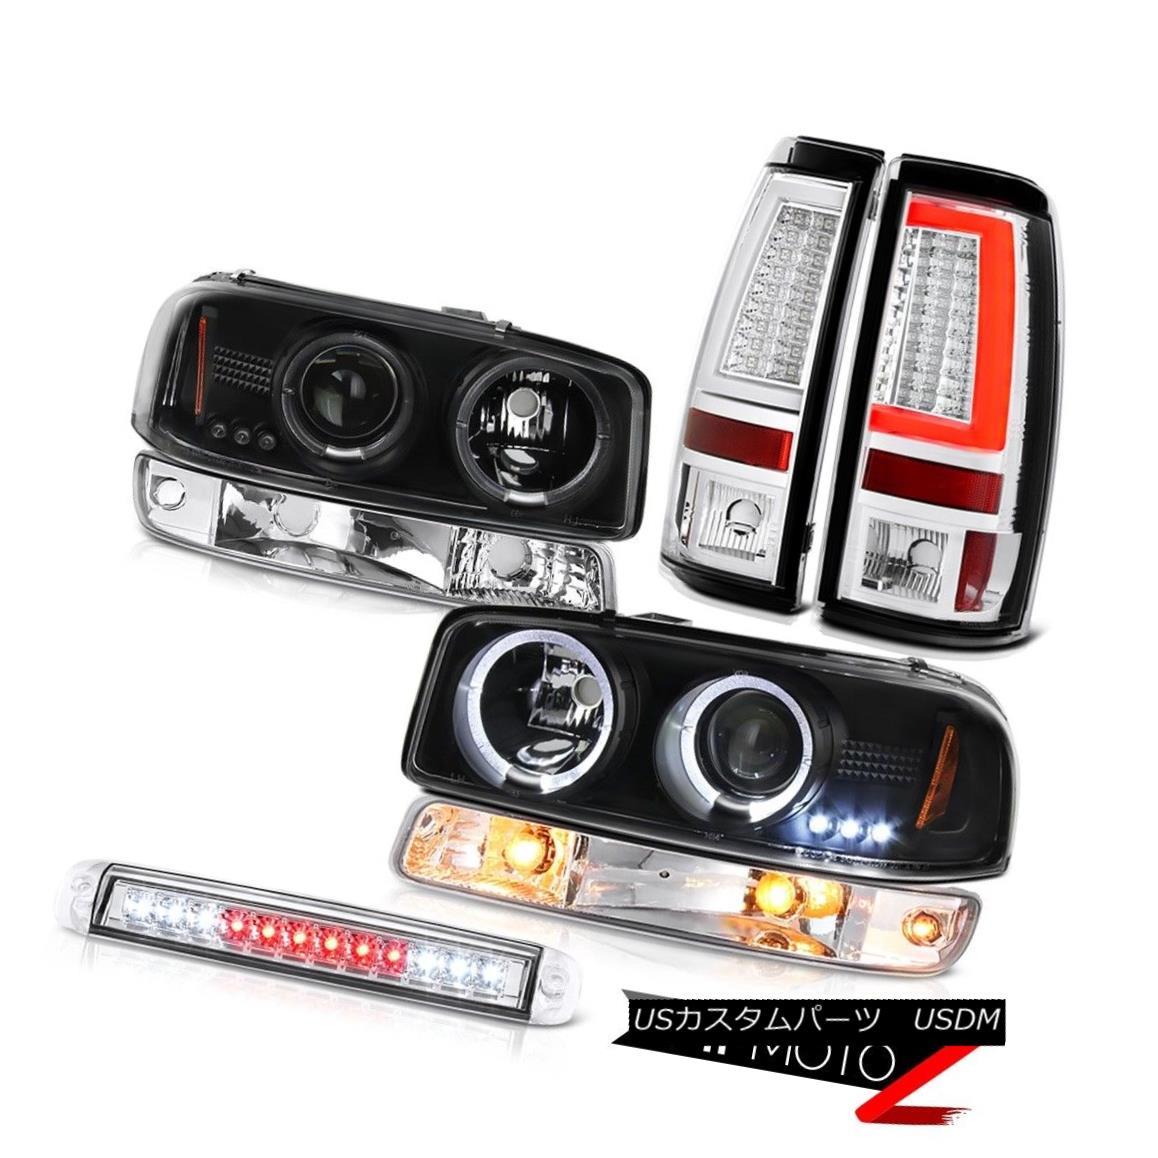 テールライト 1999-2006 Sierra 6.6L Rear Brake Lamps Roof Lamp Parking Headlamps